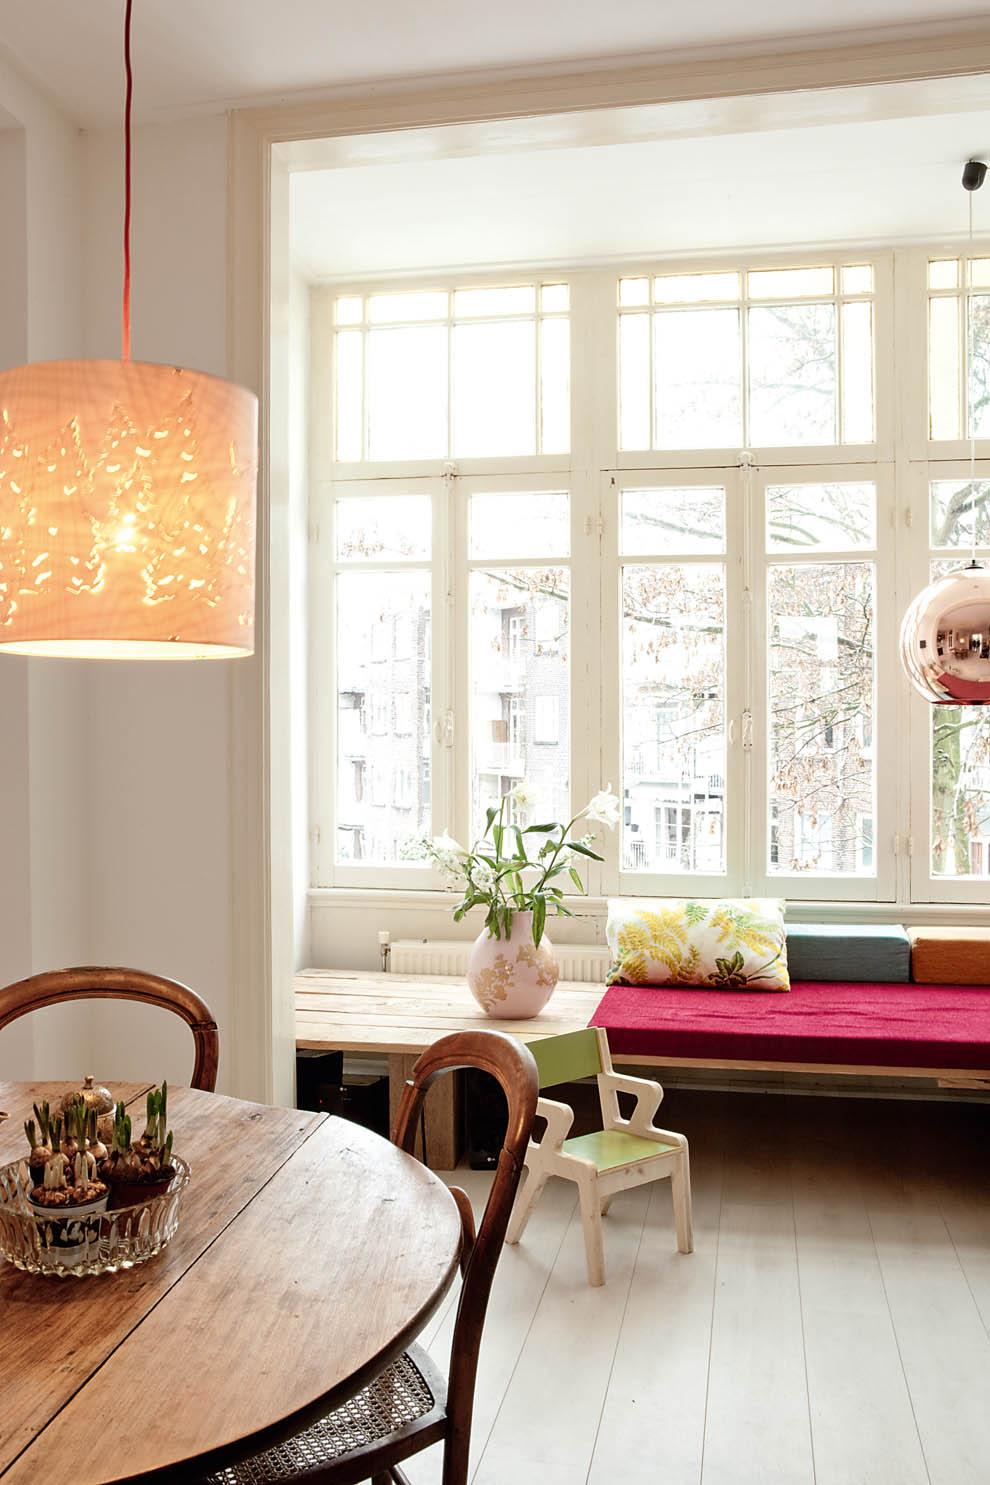 banco tapizado bajo la ventana / uphostered bench under the window